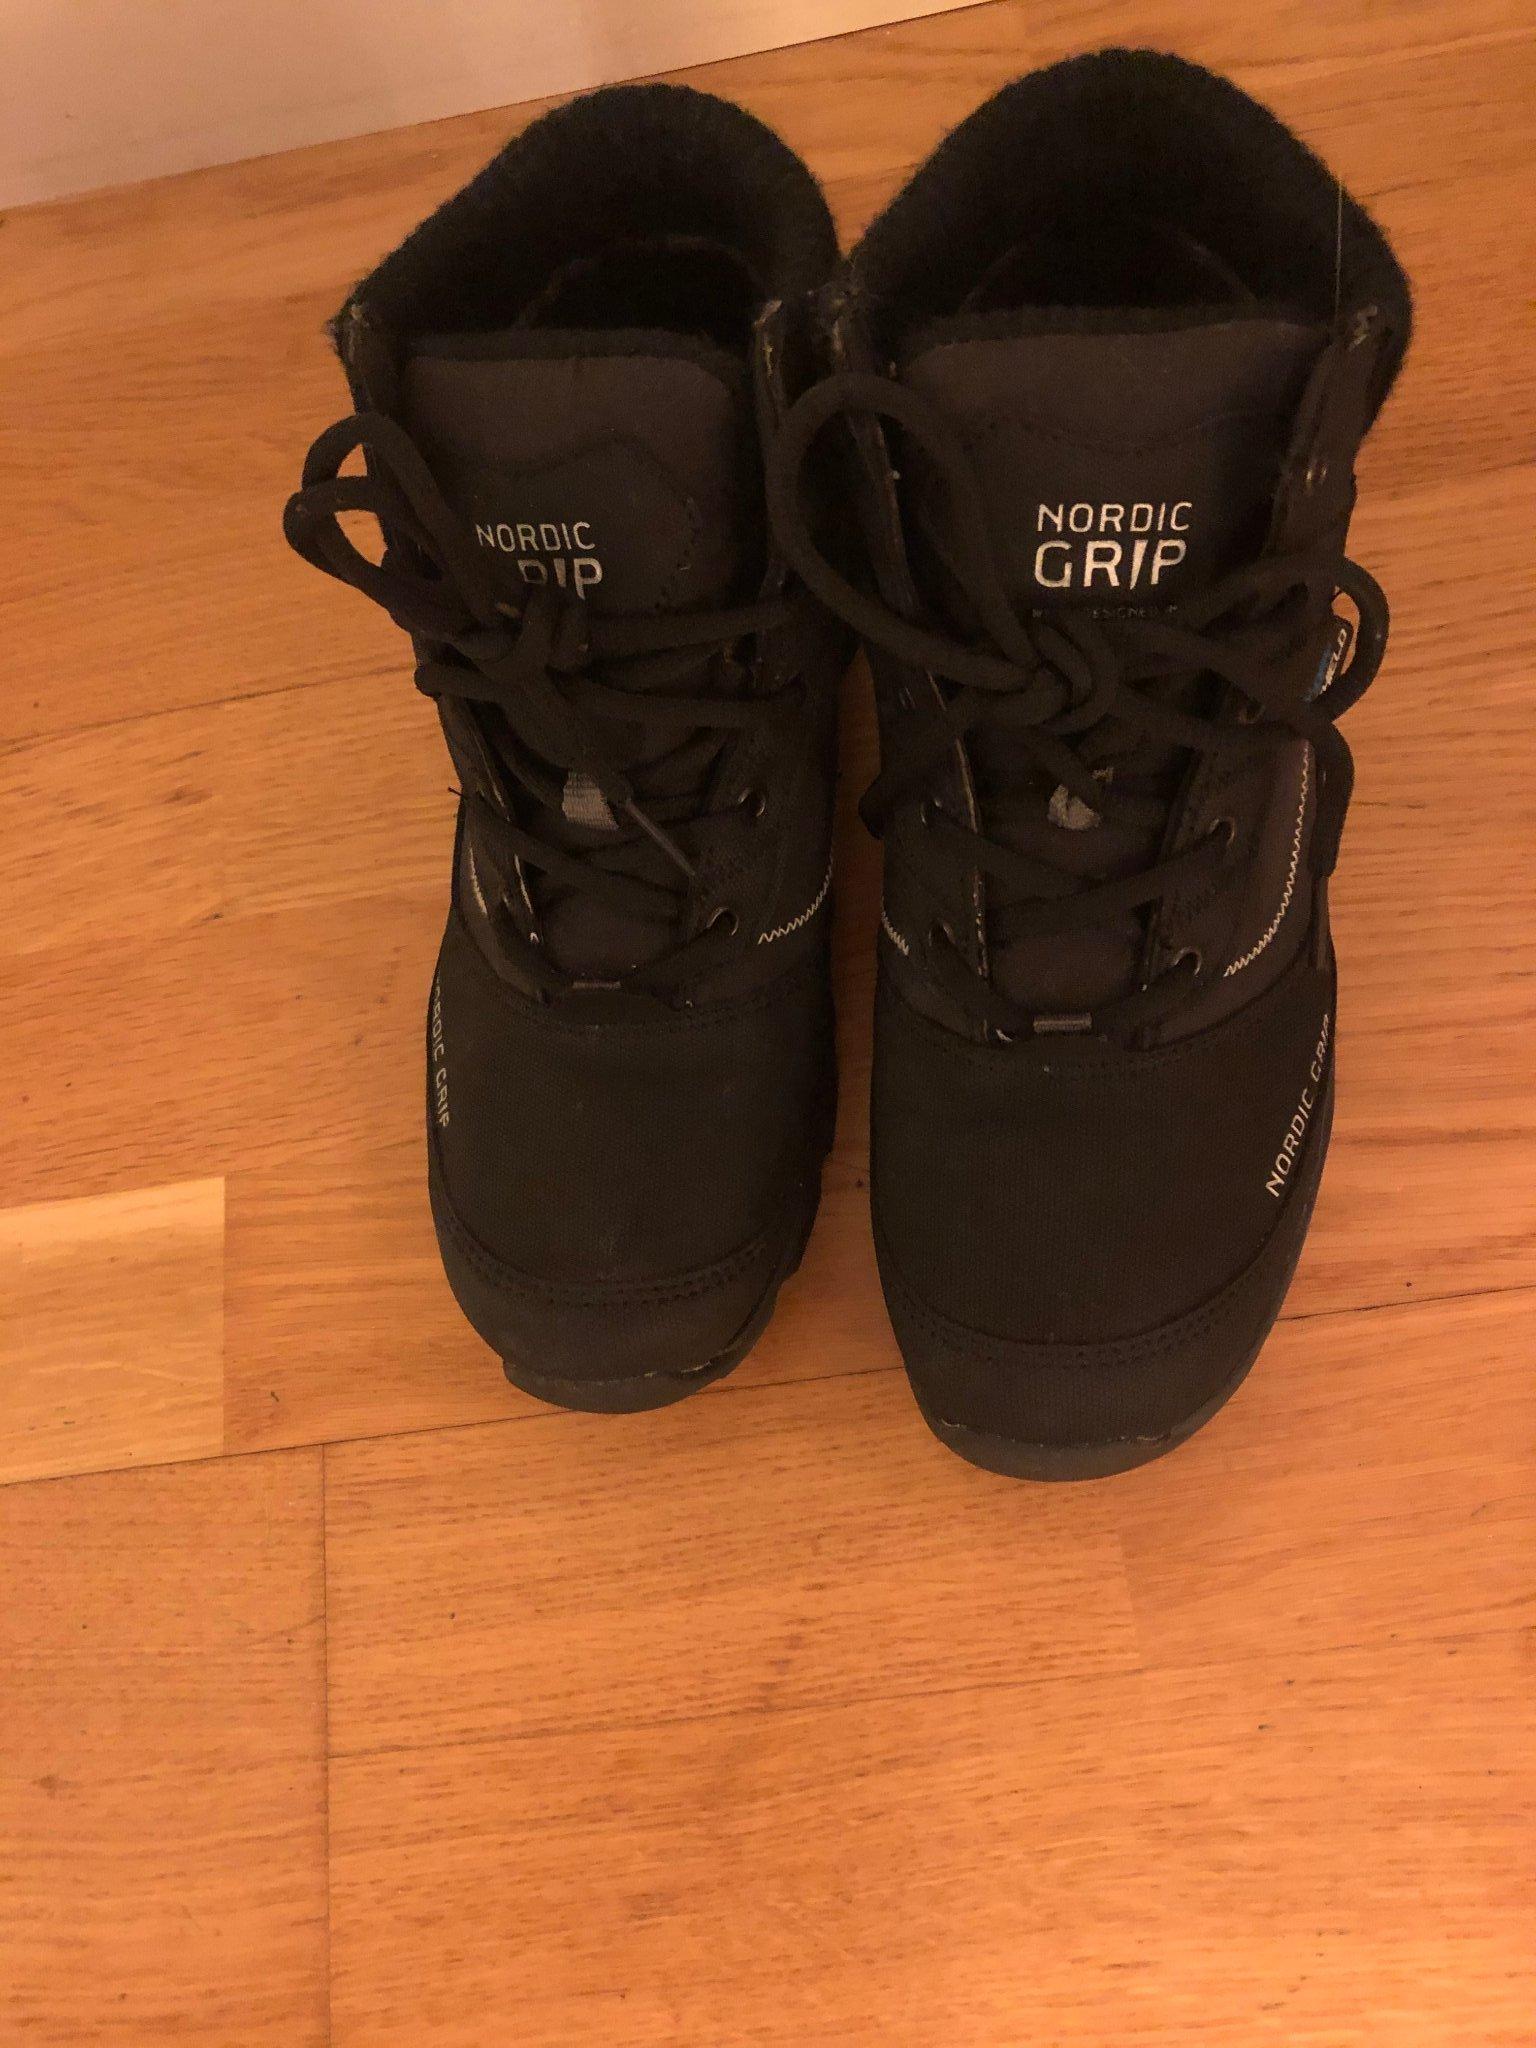 Vinter boots, kängor, Nordic grip, st. 37, 24cm (386622423